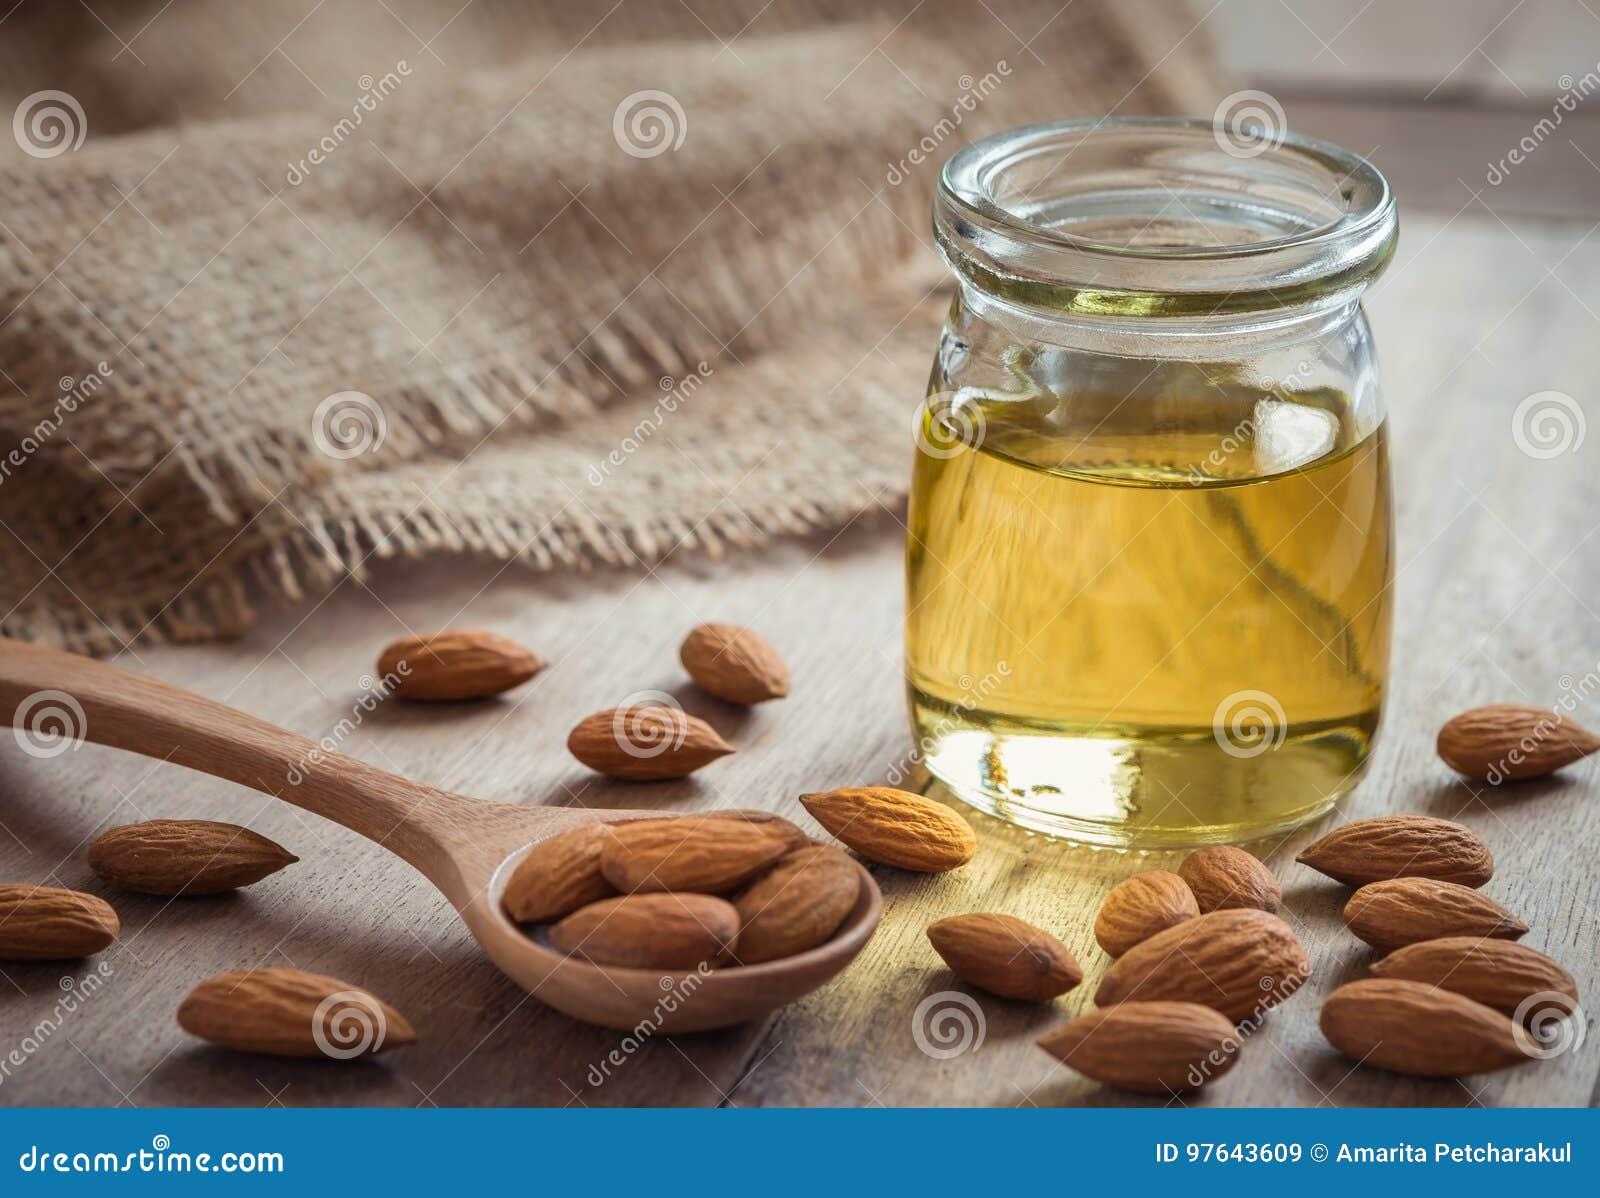 Amandelolie in glasfles en amandelen op houten lijst